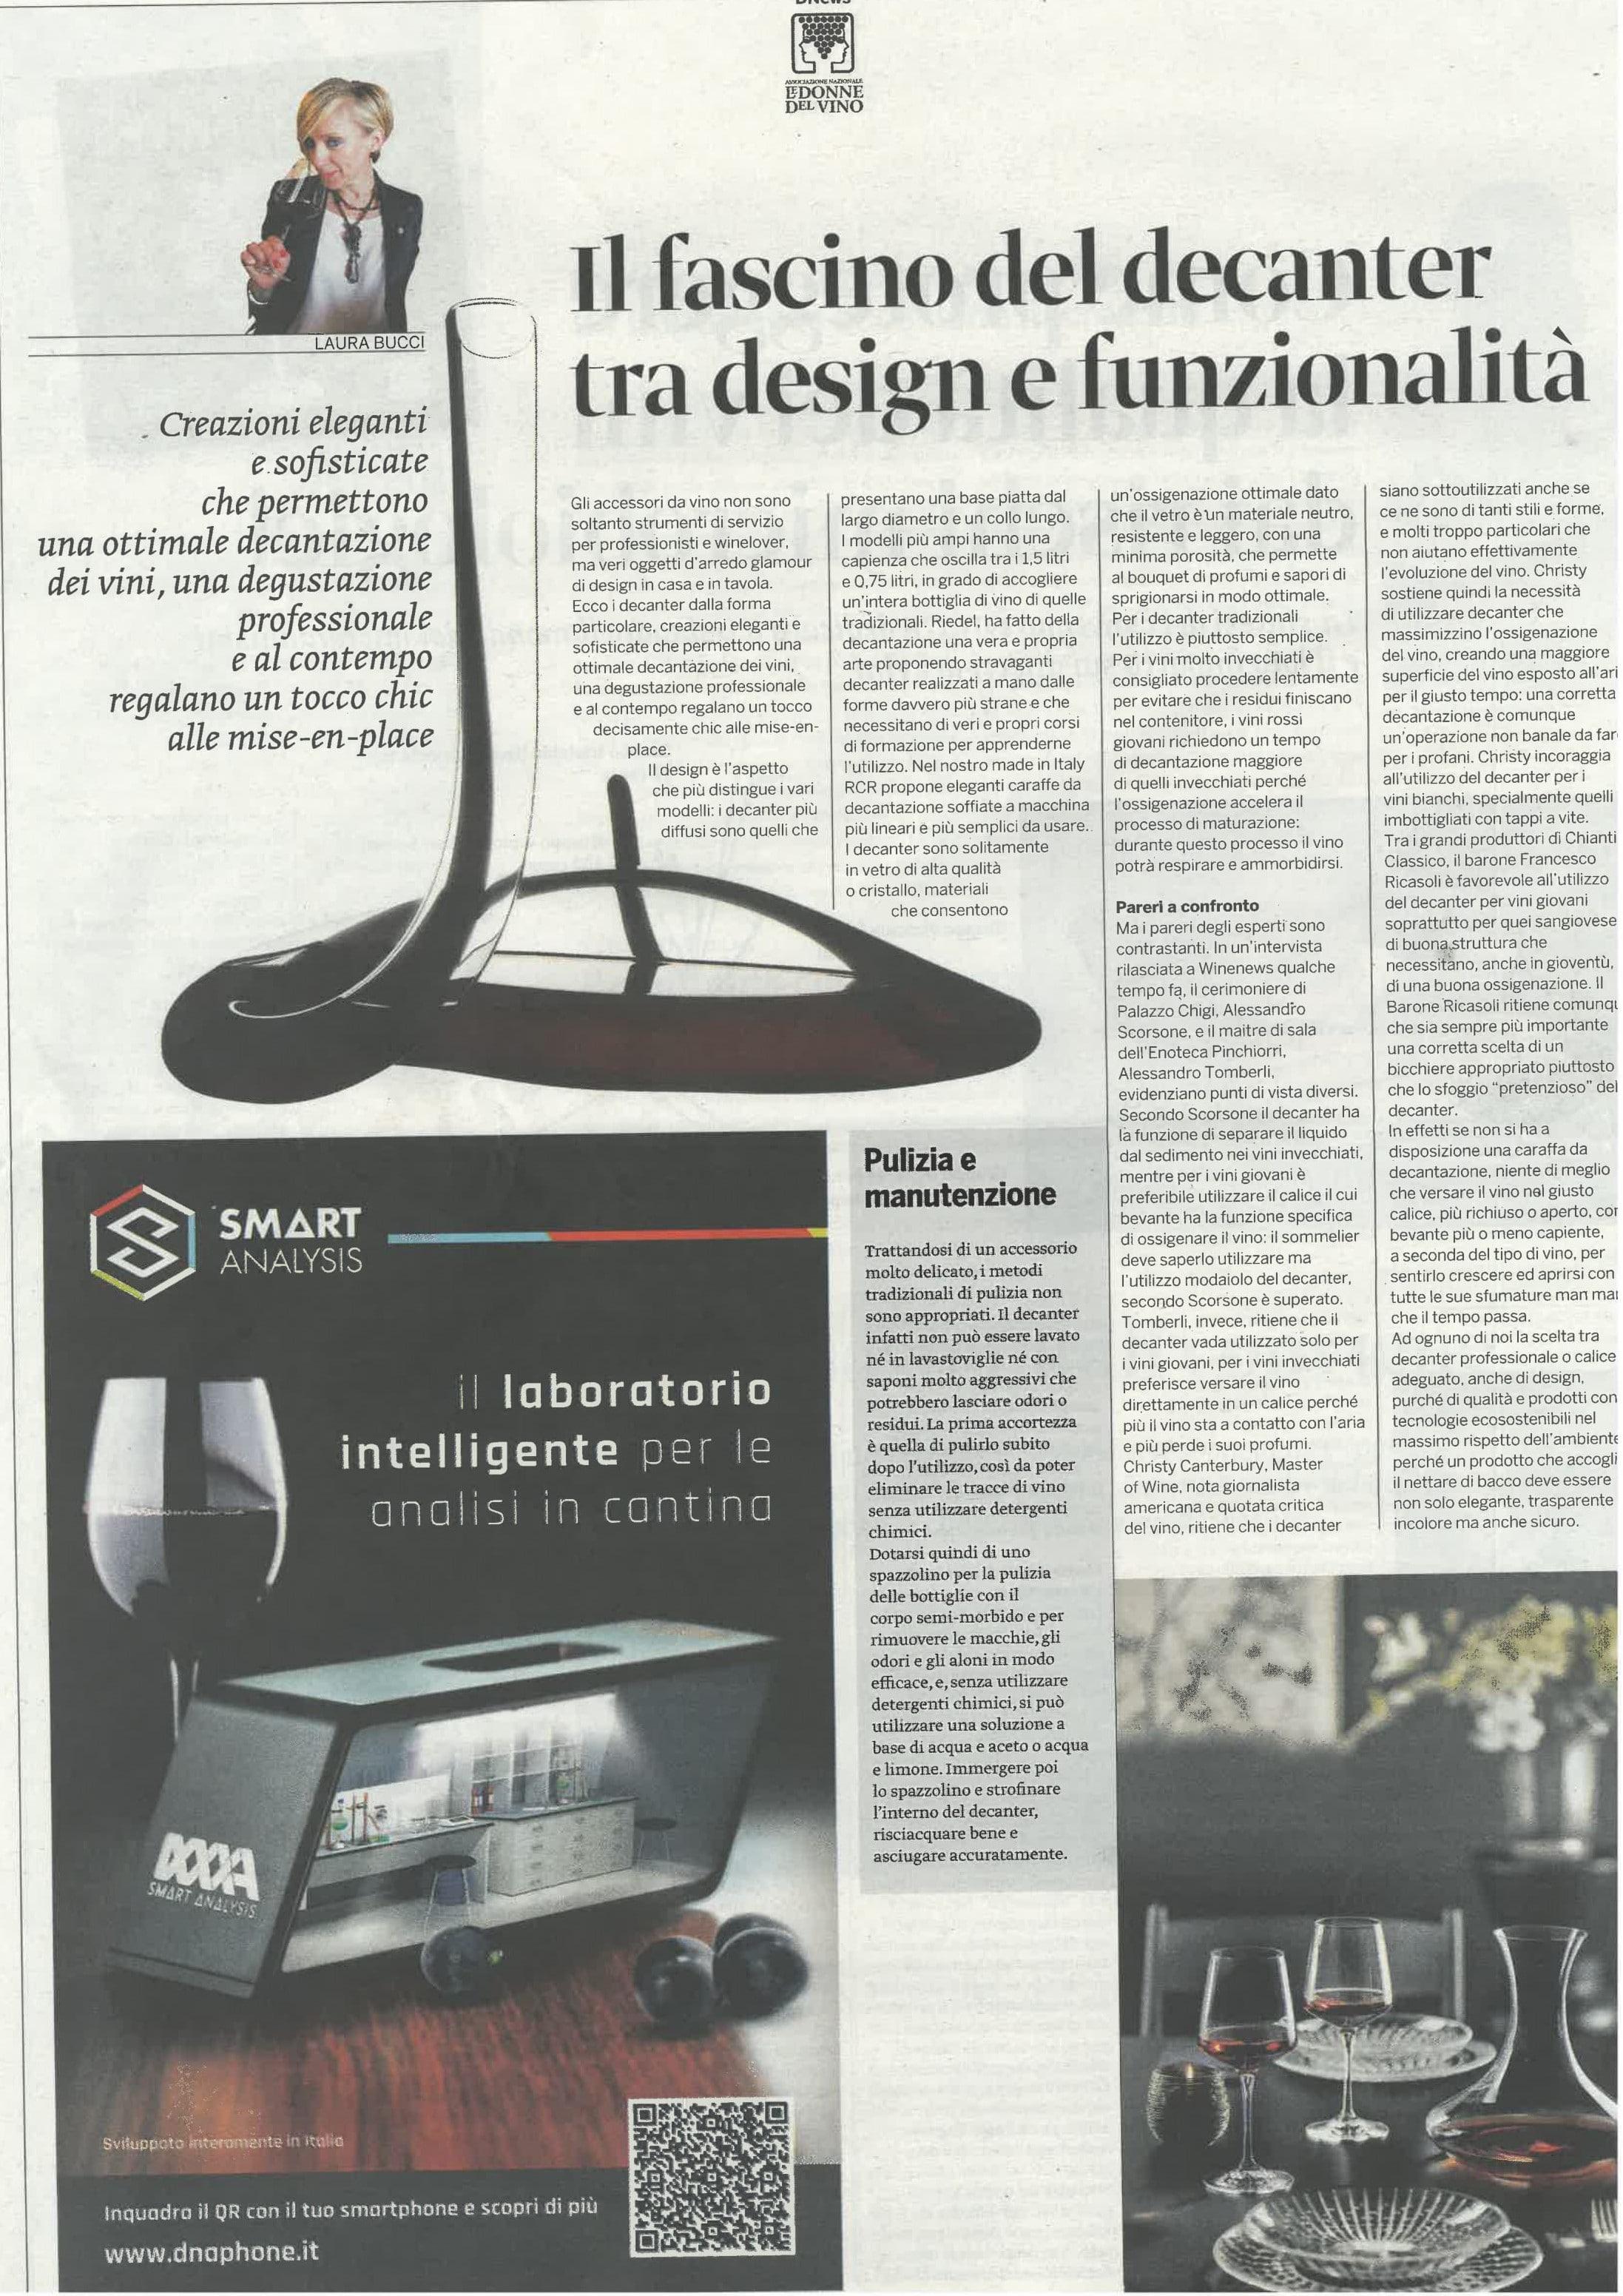 Articolo DNEWS Il decanter tra design e funzionalità, luglio 2019